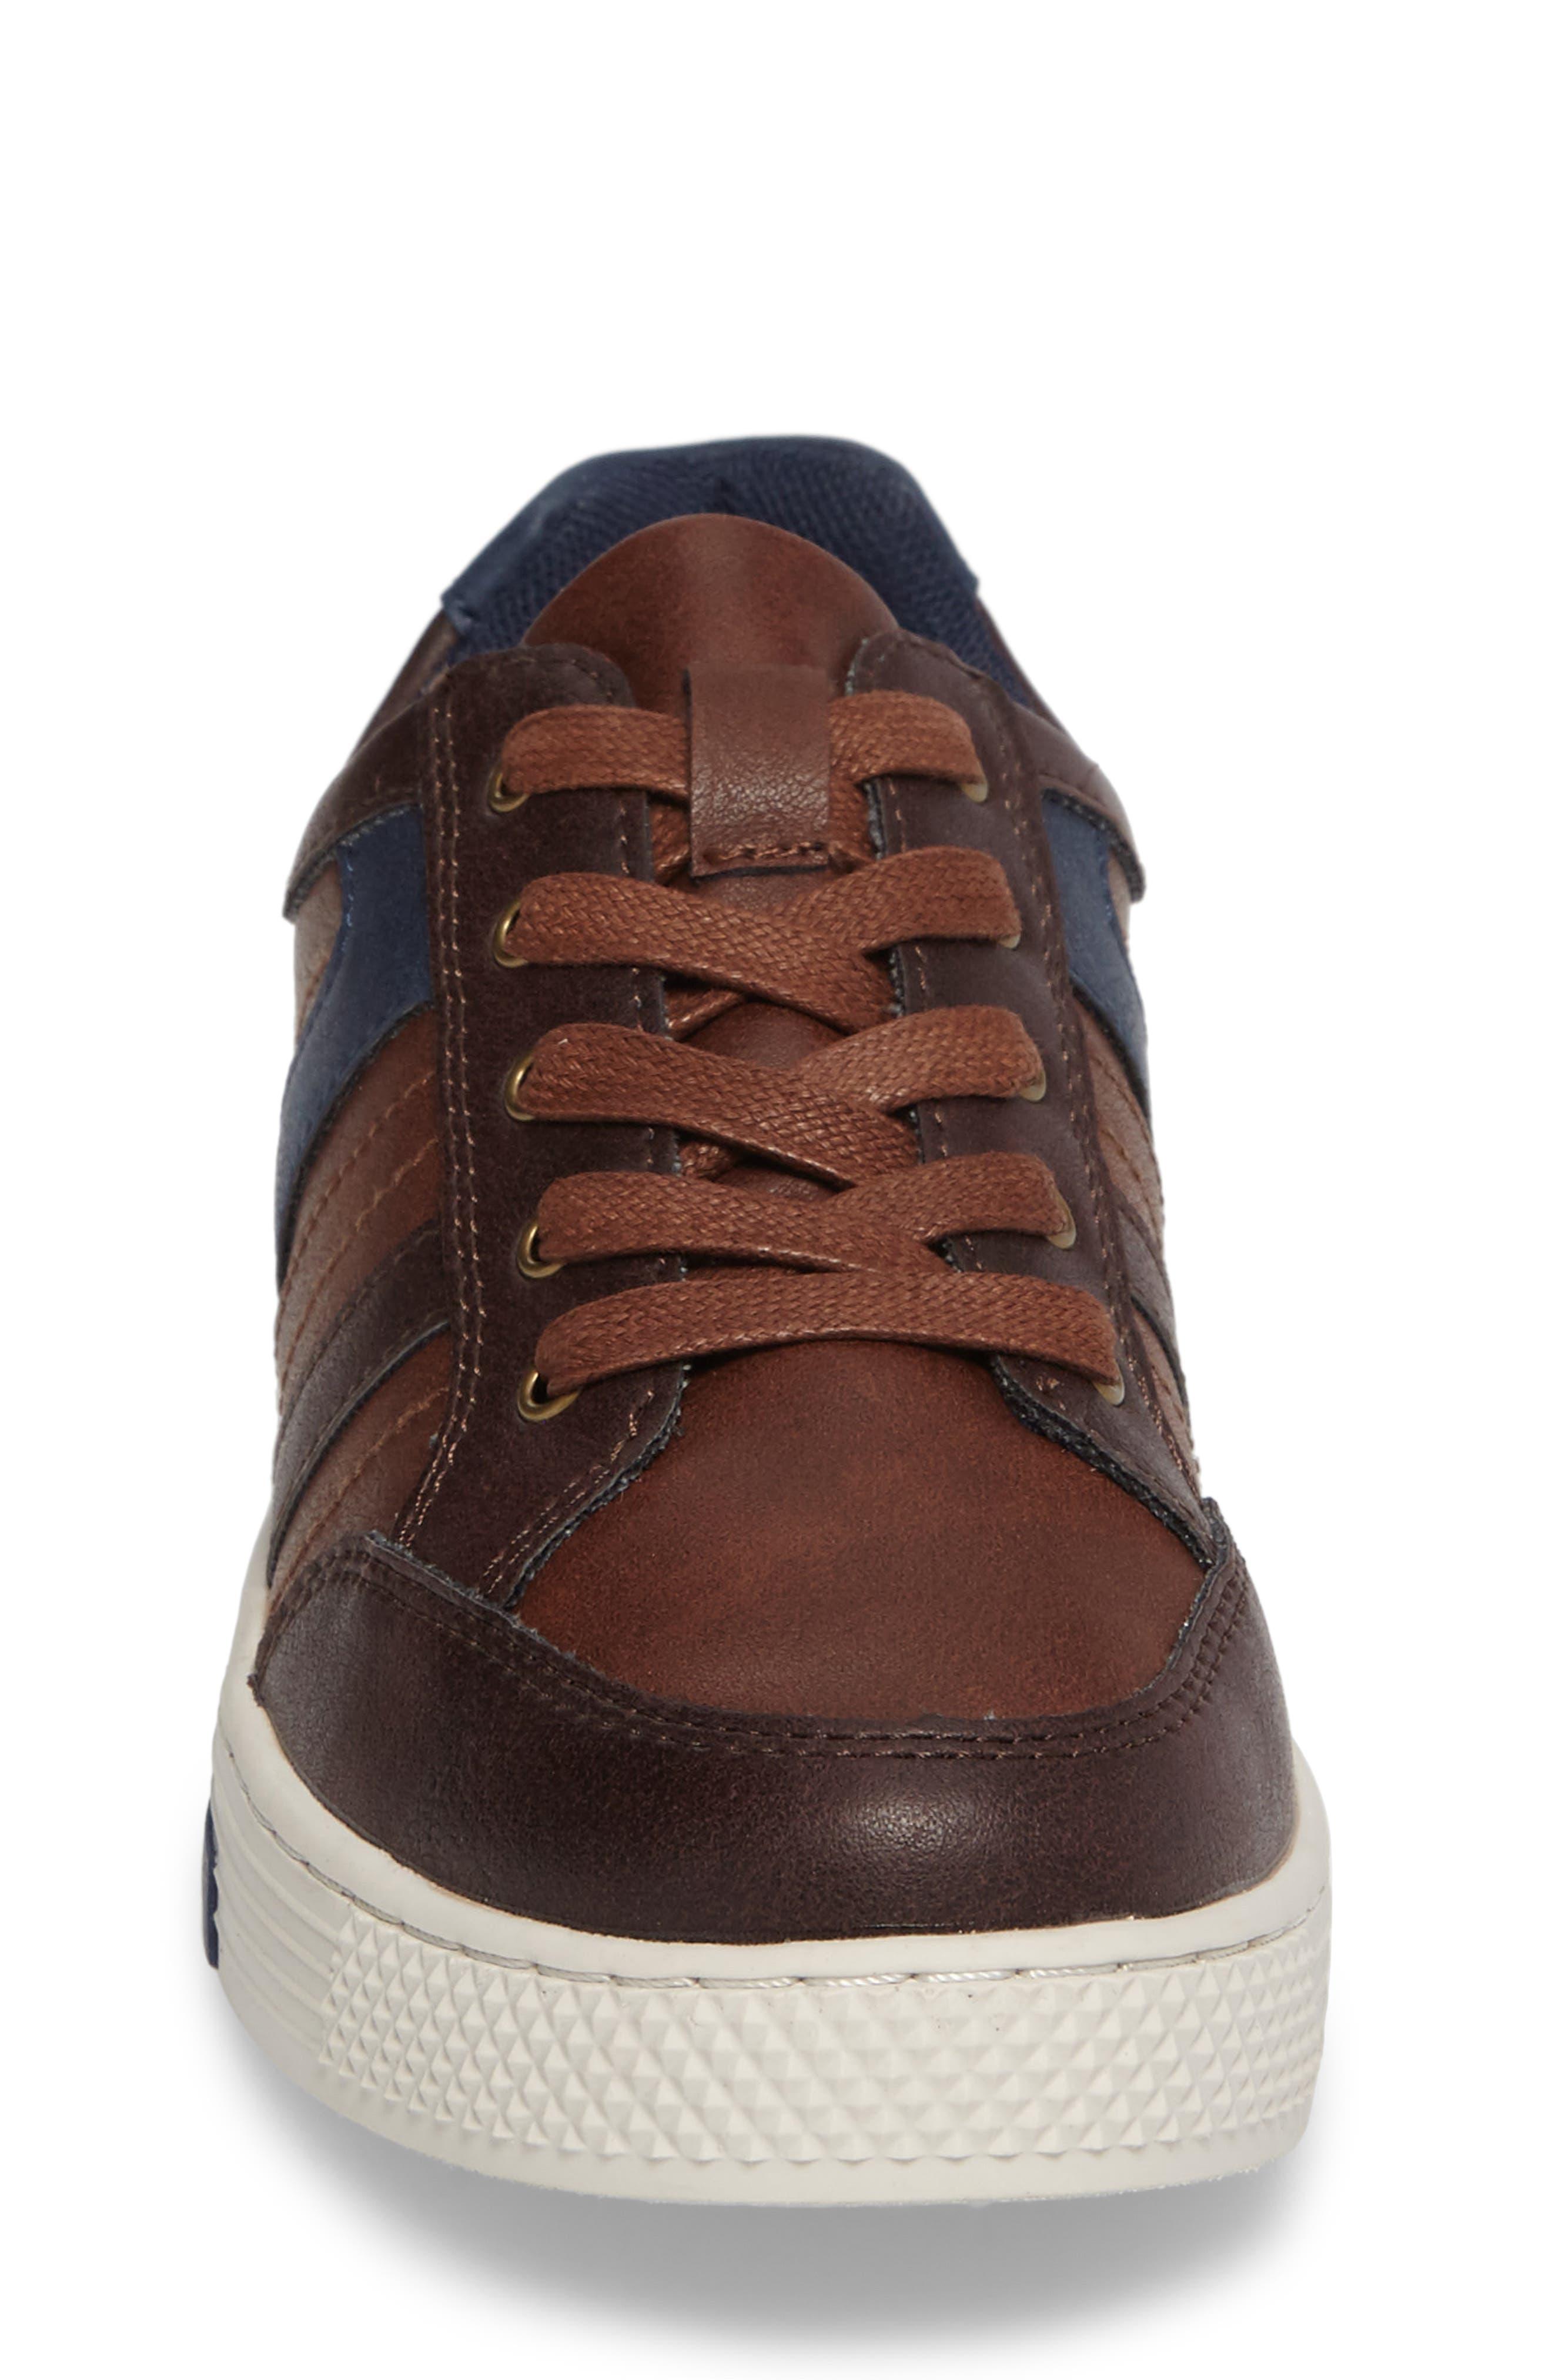 Trakk Sneaker,                             Alternate thumbnail 4, color,                             207